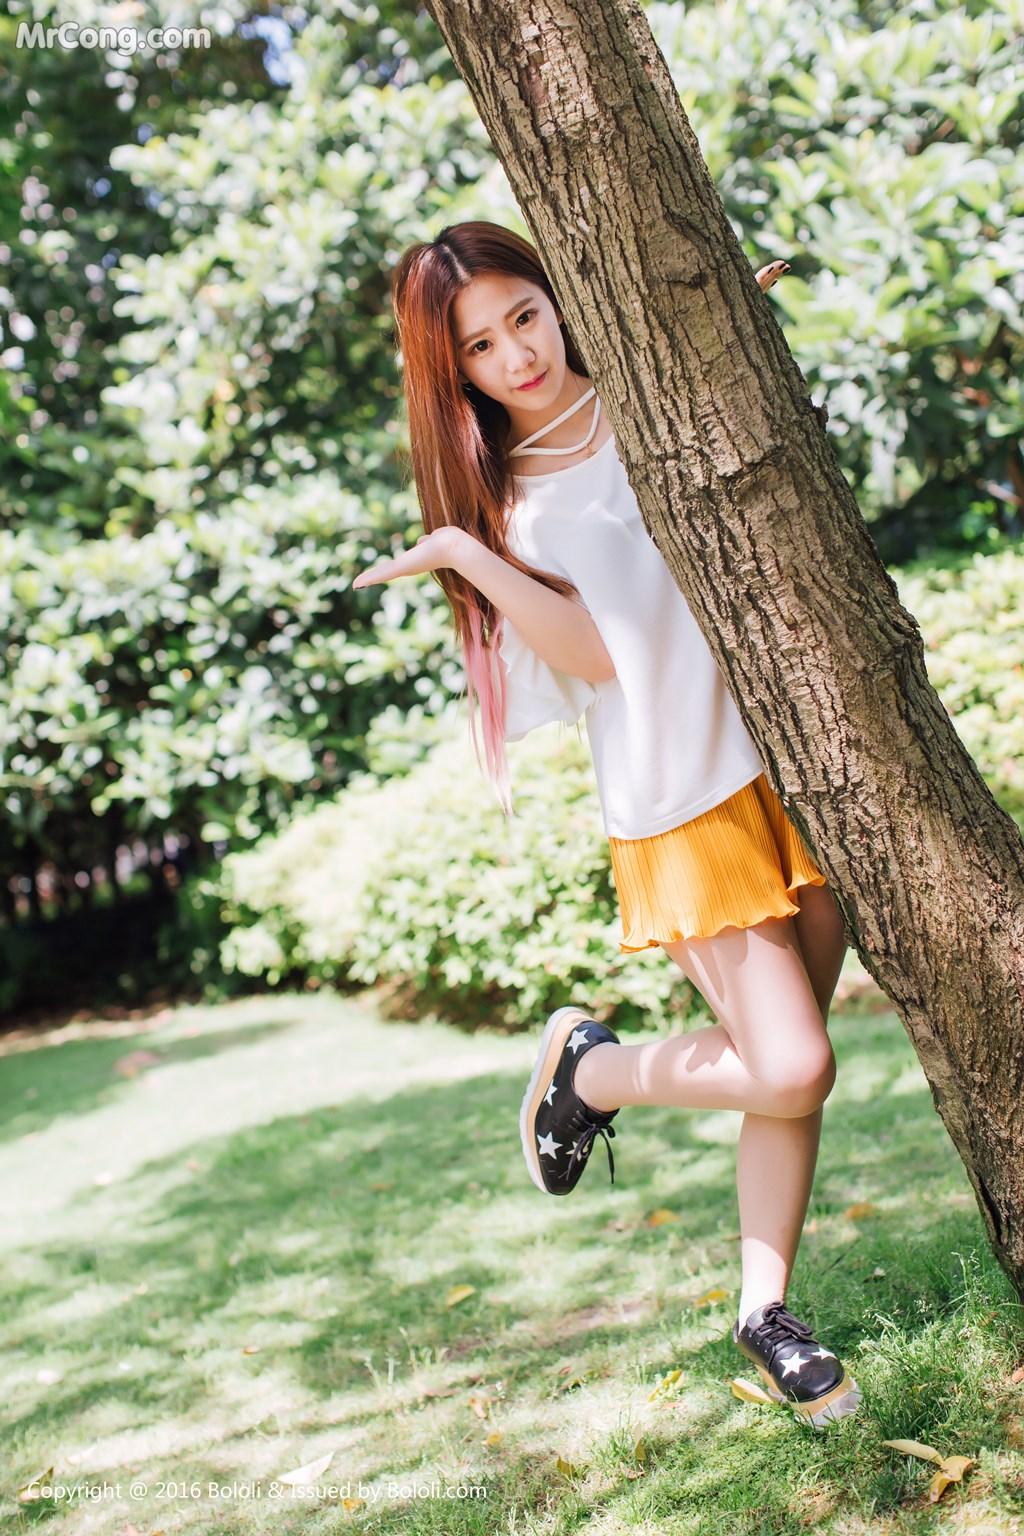 Image Tukmo-Vol.109-Dong-Chen-Li-MrCong.com-009 in post Tukmo Vol.109: Người mẫu Dong Chen Li (董成丽) (41 ảnh)